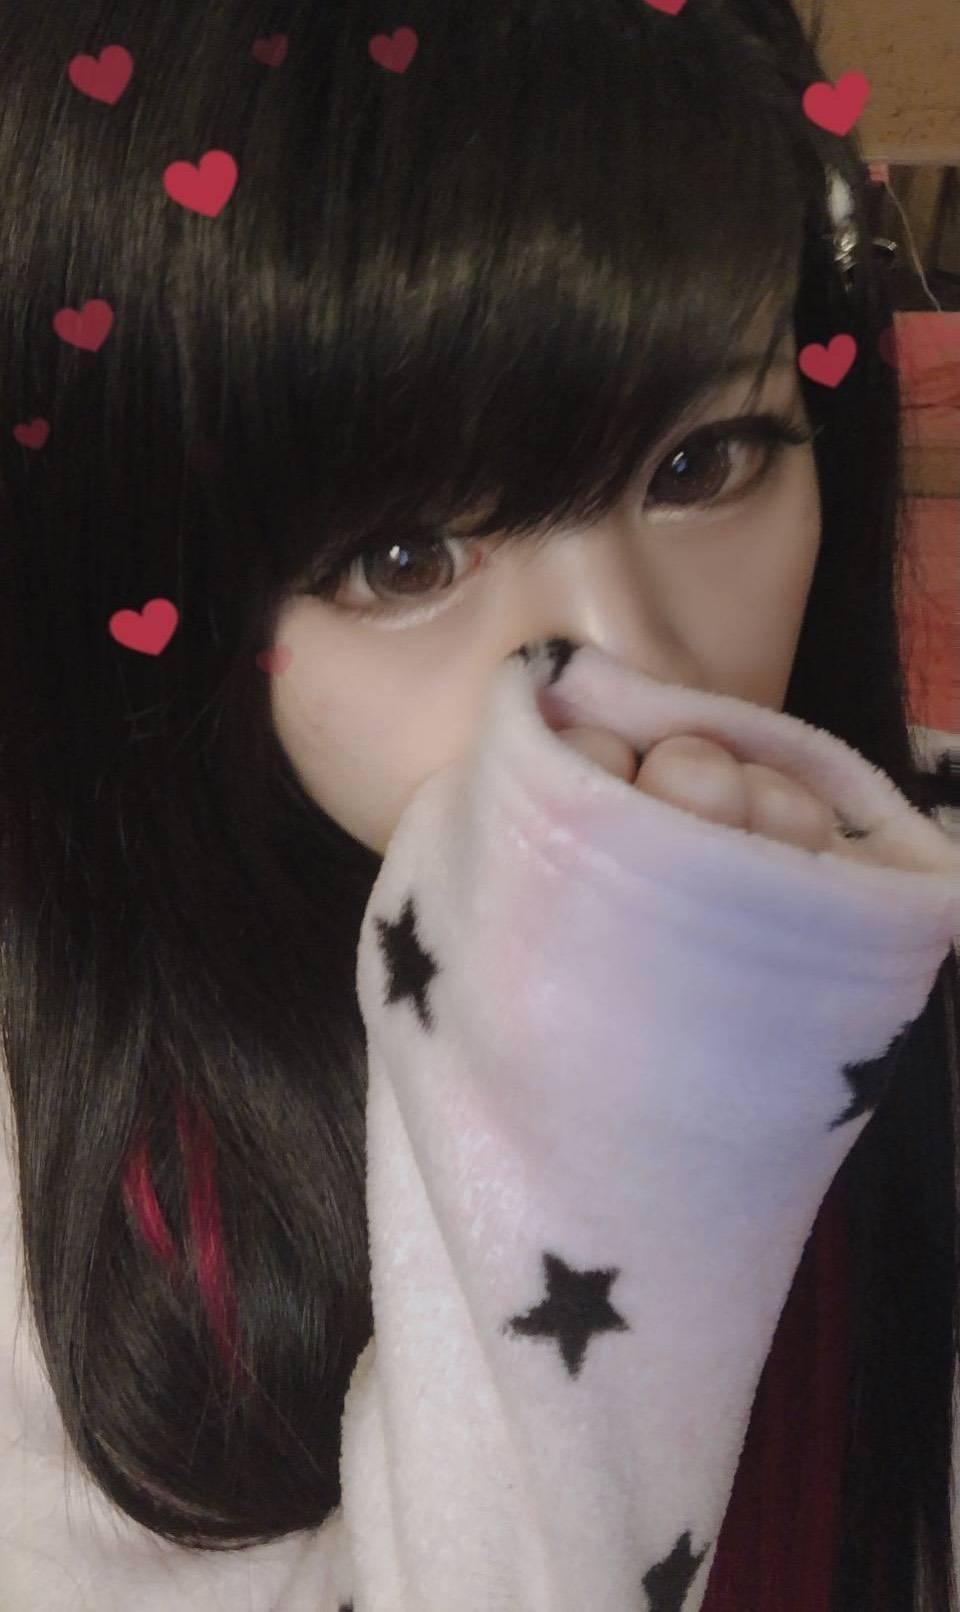 「おはようございます!」02/16(02/16) 15:22 | りおなの写メ・風俗動画